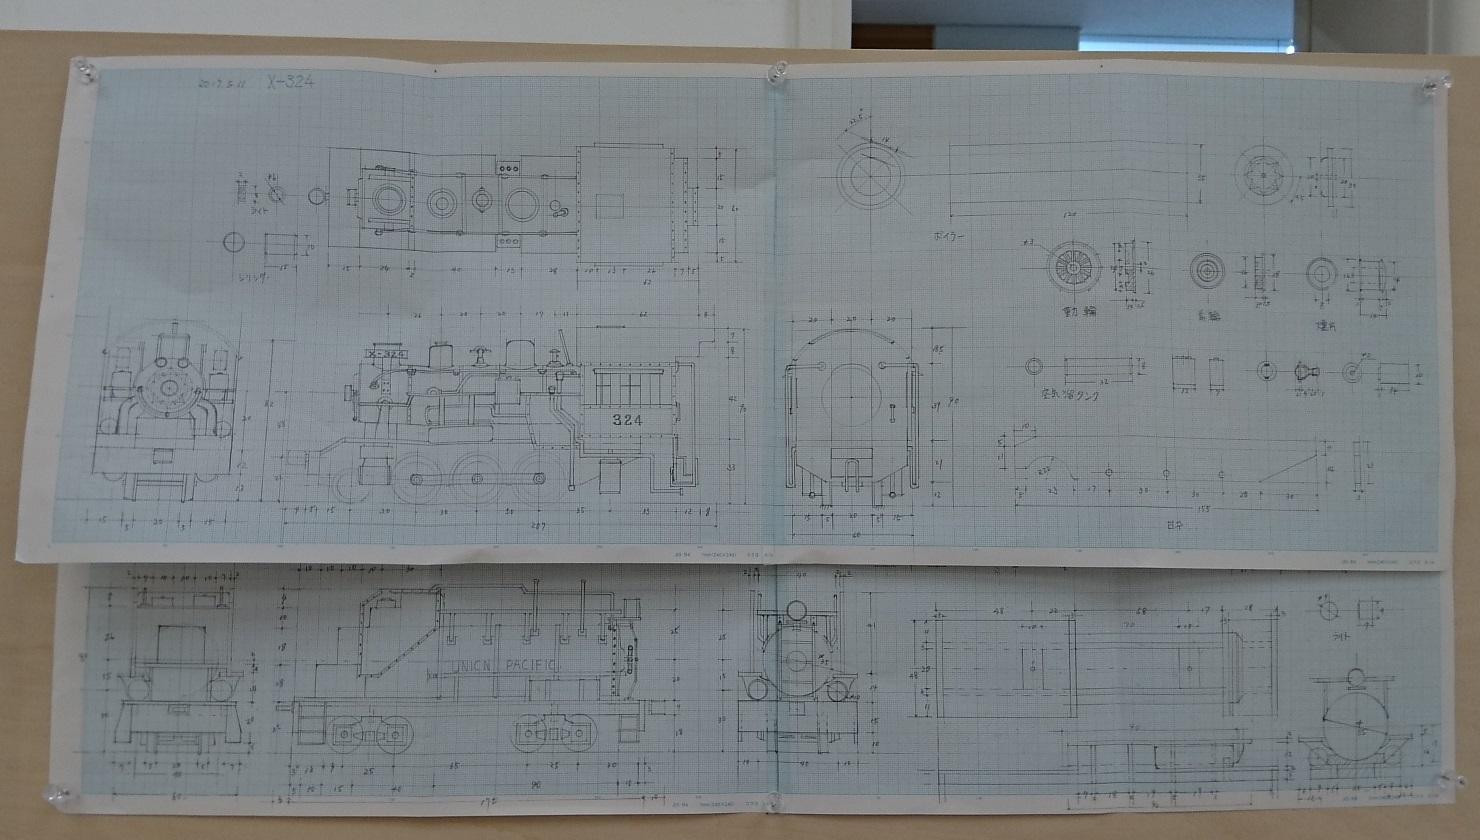 2018.3.24 木工細工蒸気機関車作品展 (4) ブリキのおもちゃ X-324 1480-840